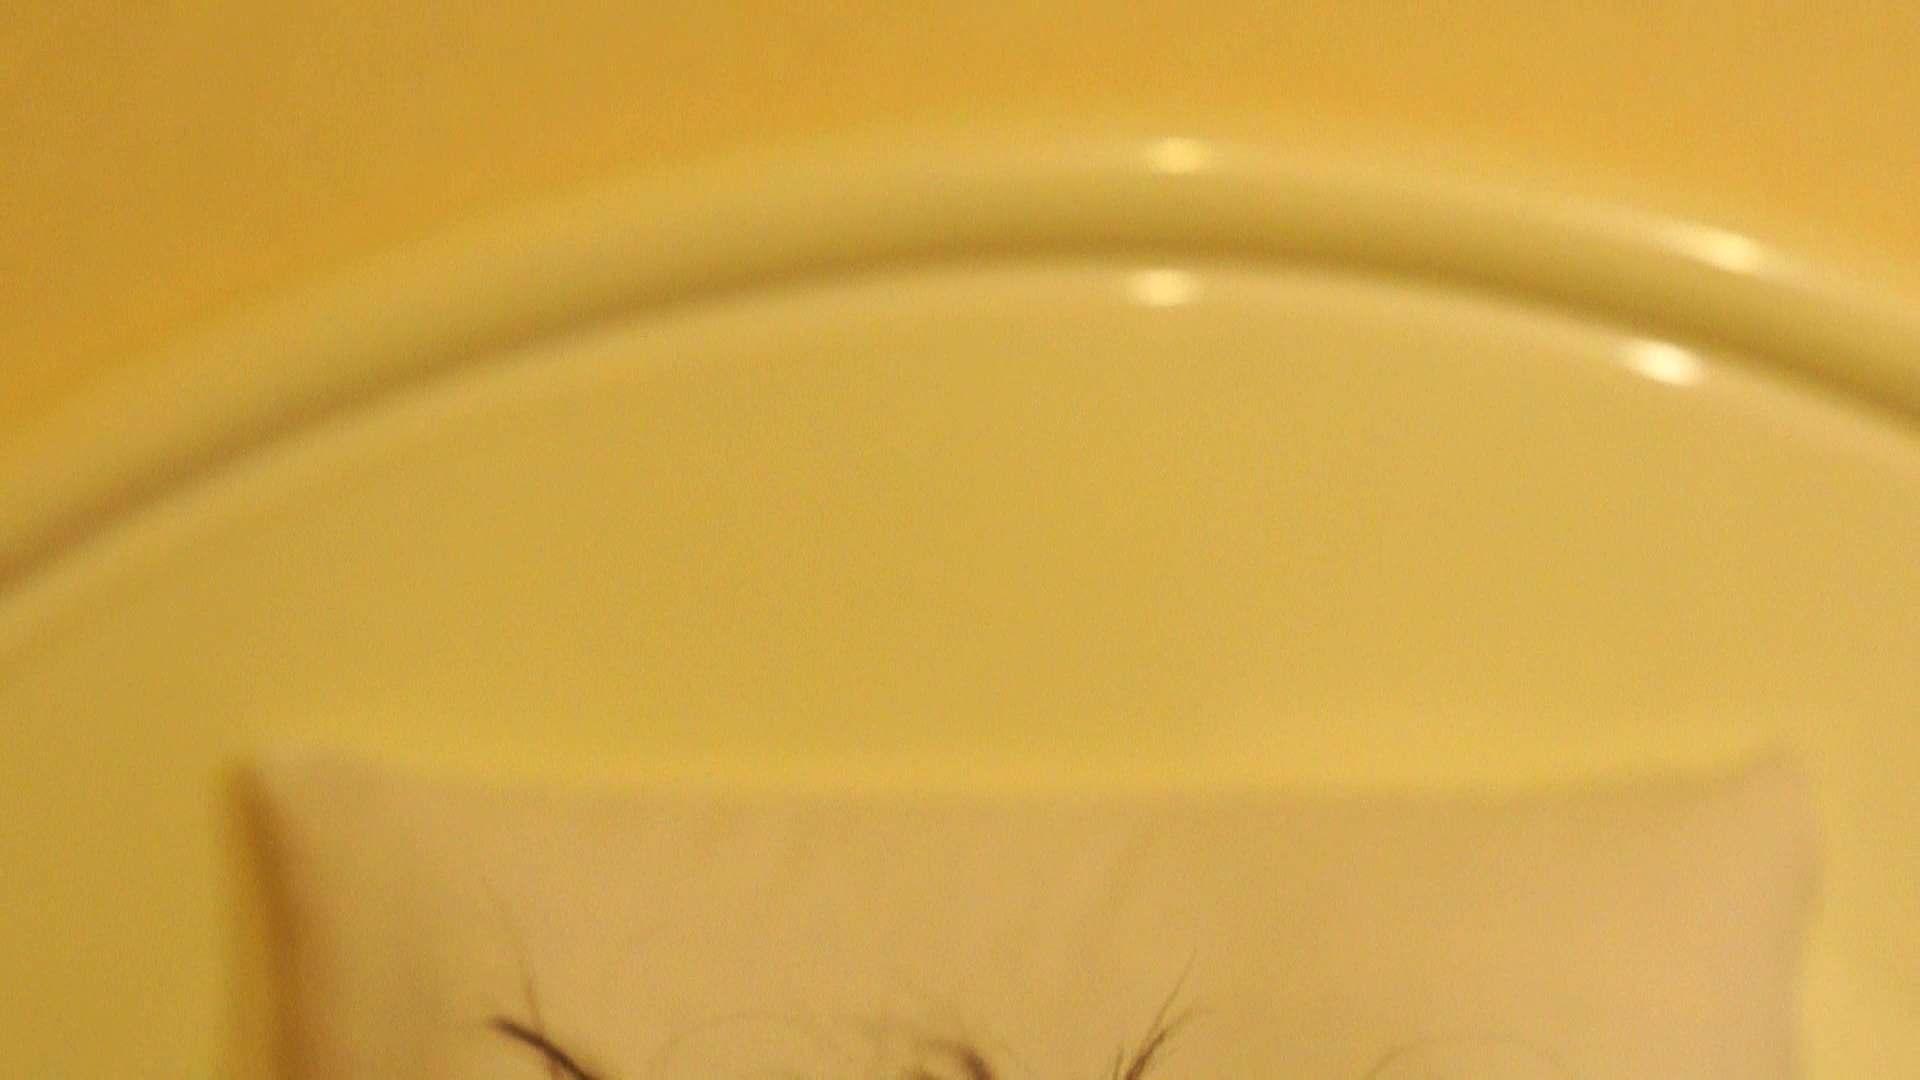 vol.13 瑞希ちゃんにバナナを舐めてもらいました。 OLすけべ画像  54連発 4